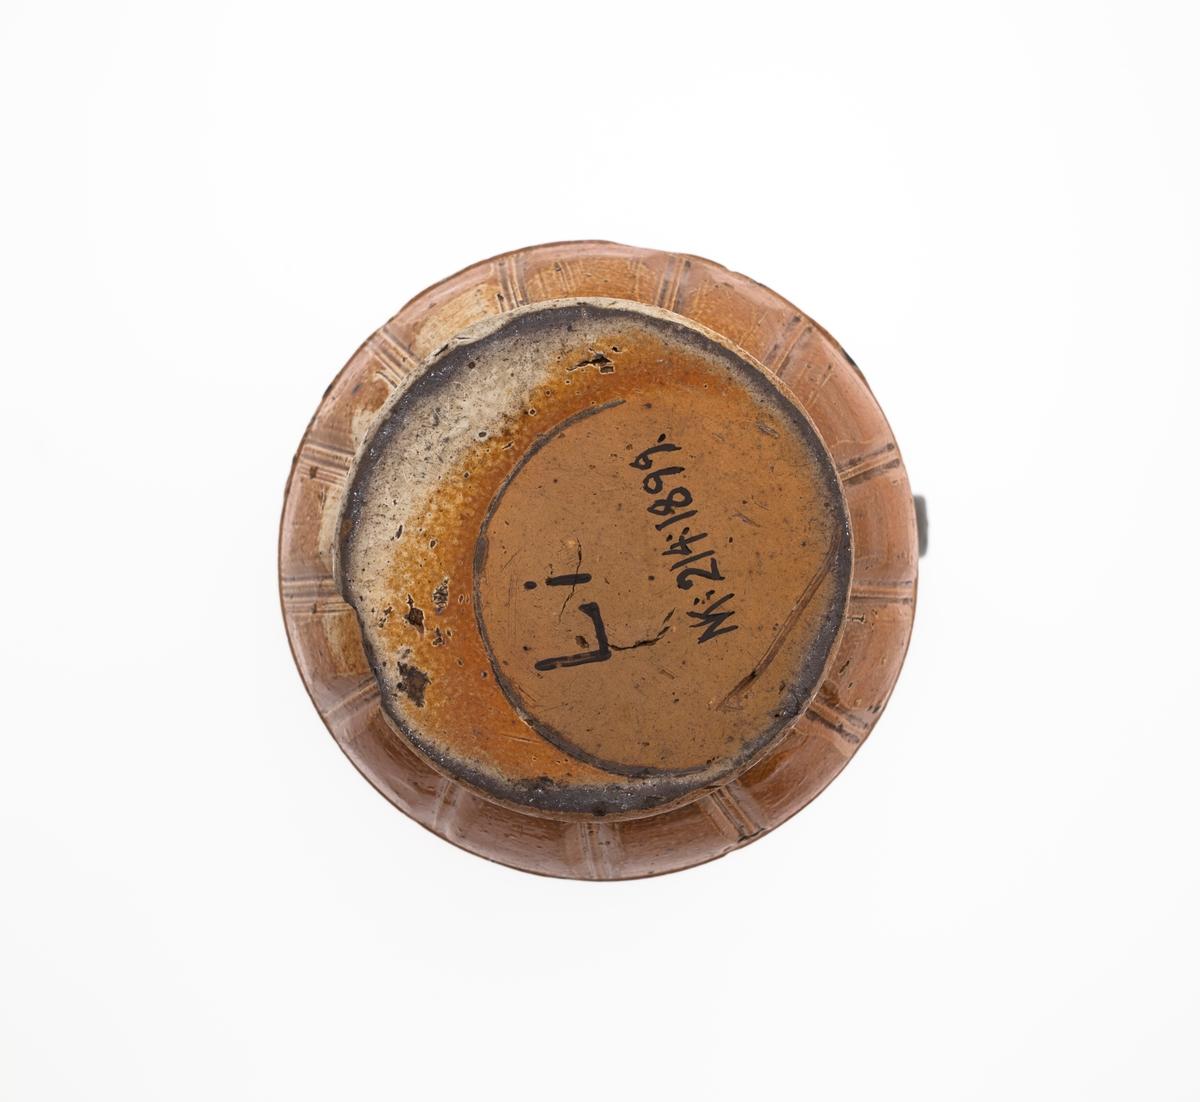 En frise med dansene bønder på korpus. Ni par og en enslig. Dette motivet har sin opprinnelse i kopperplategraveringene til Nürnbergmesteren Hans Sebald Beham (1500-1550), og var et av de mest populære motivene på raerenkanner på 1500-tallet. Rundt halsen en symetrisk komponert, ornamental frise med motiver i følgende rekkefølge: solsikke, arabesk, sol med ansikt, arabesk, solsikke. På korpus øvre cavetto et bånd med ogivaler eller løv. På korpus nedre cavetto et bånd med rektagulære felt.